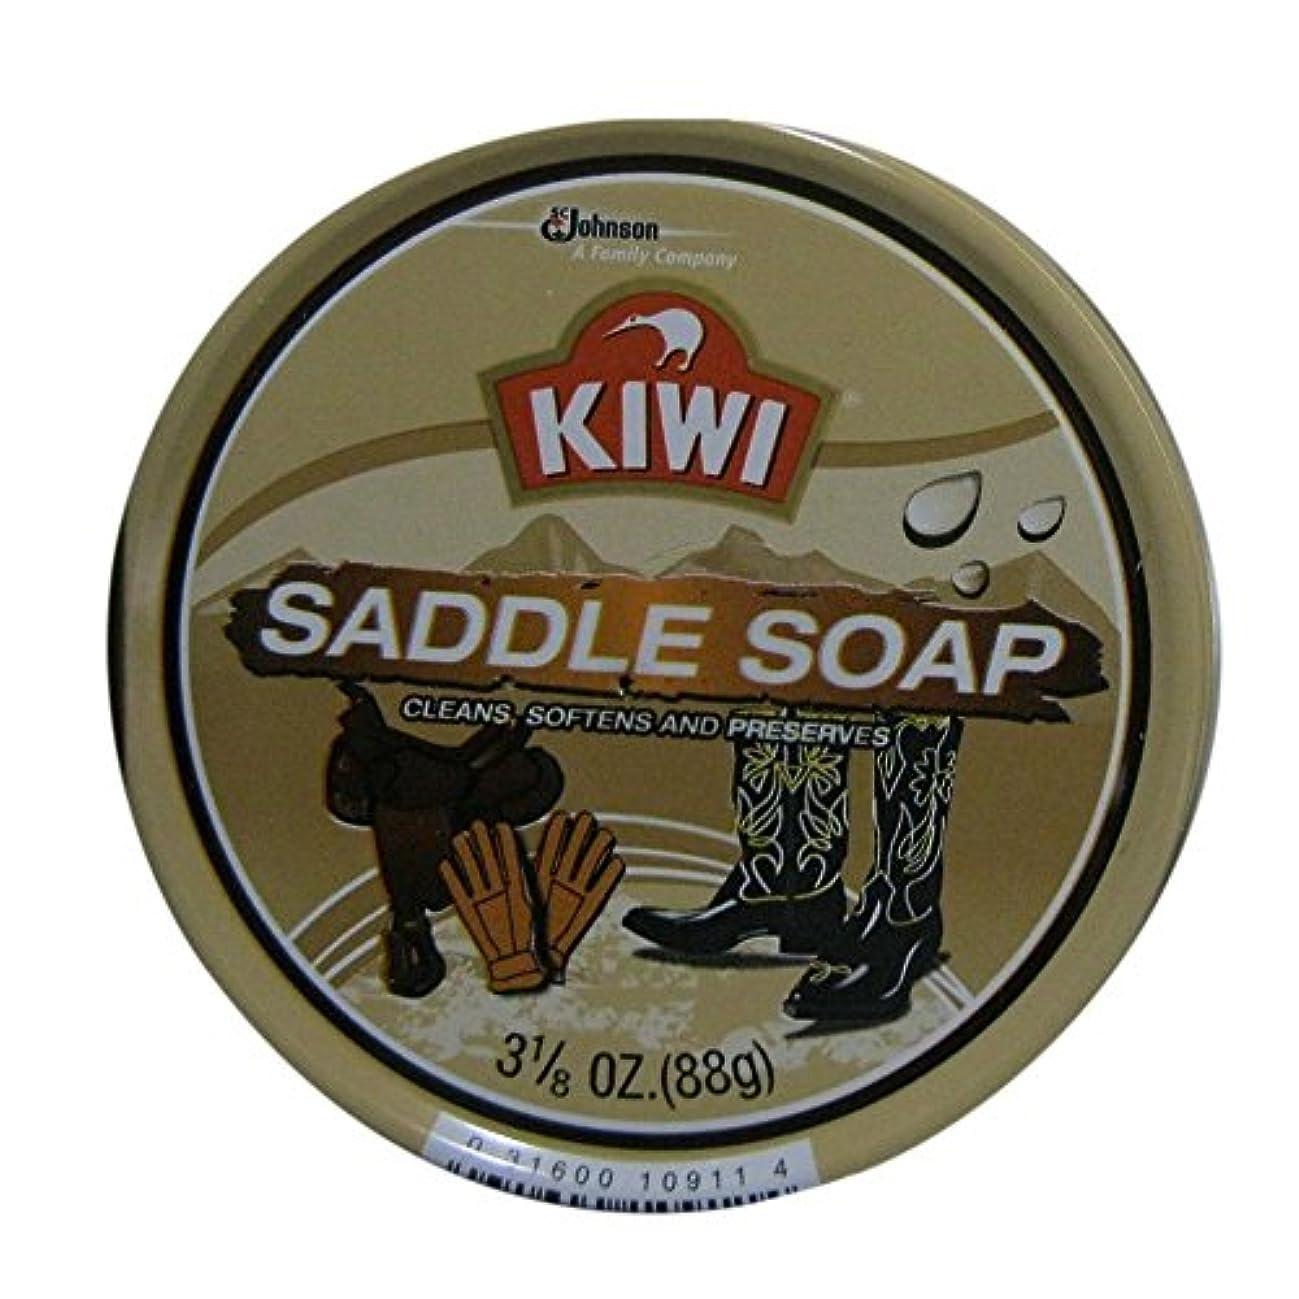 南チェリー叱るKiwi KIWIハメソープ3.125オンス(5パック) 5パック